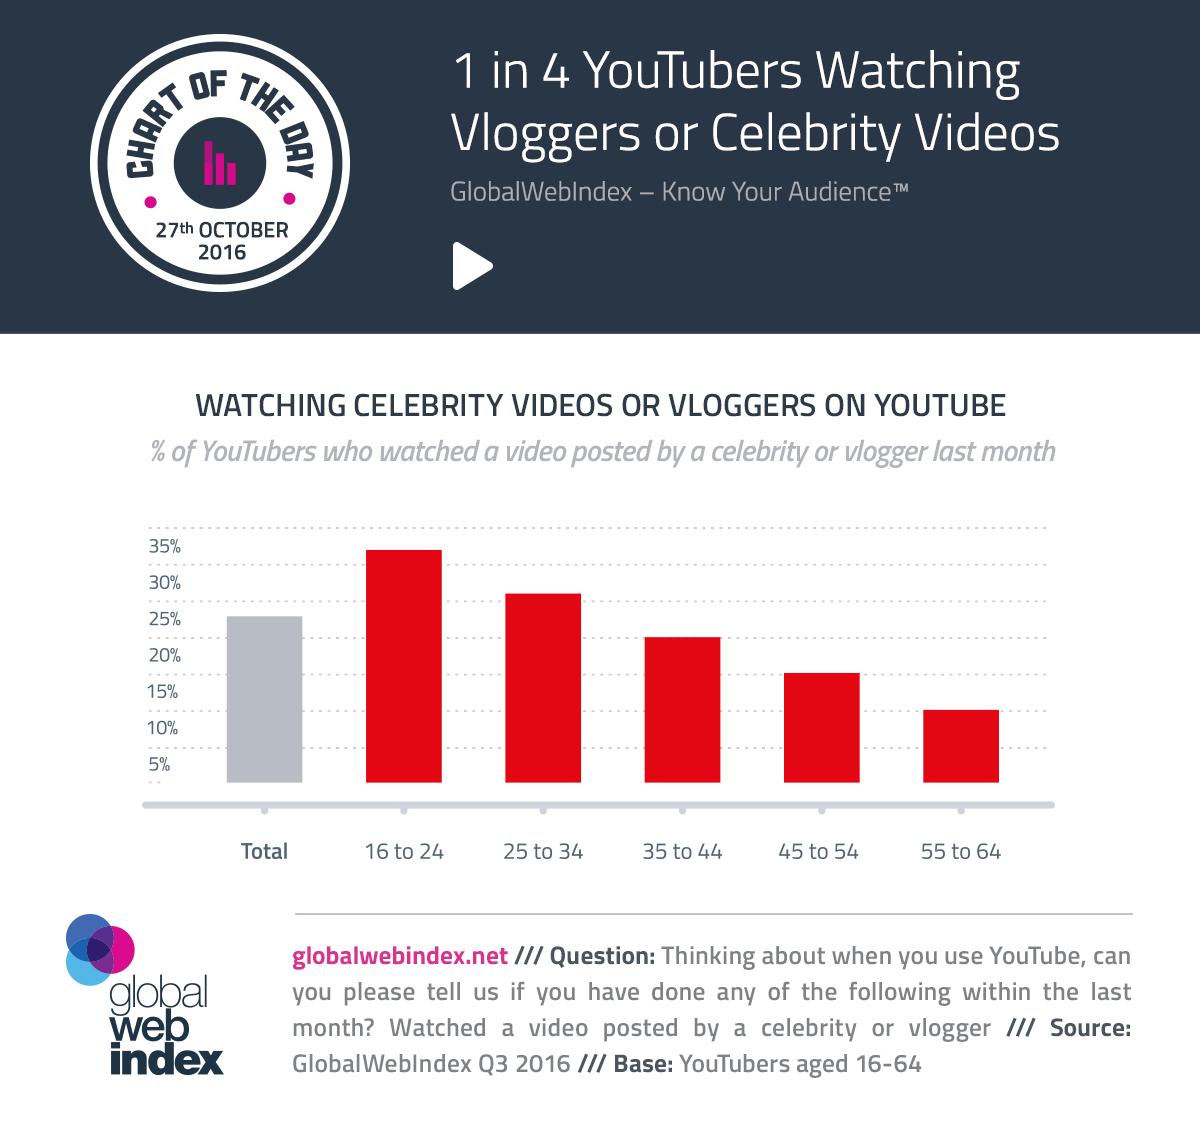 1 de cada 4 usuarios de YouTube que miran vloggers o Videos de celebridades